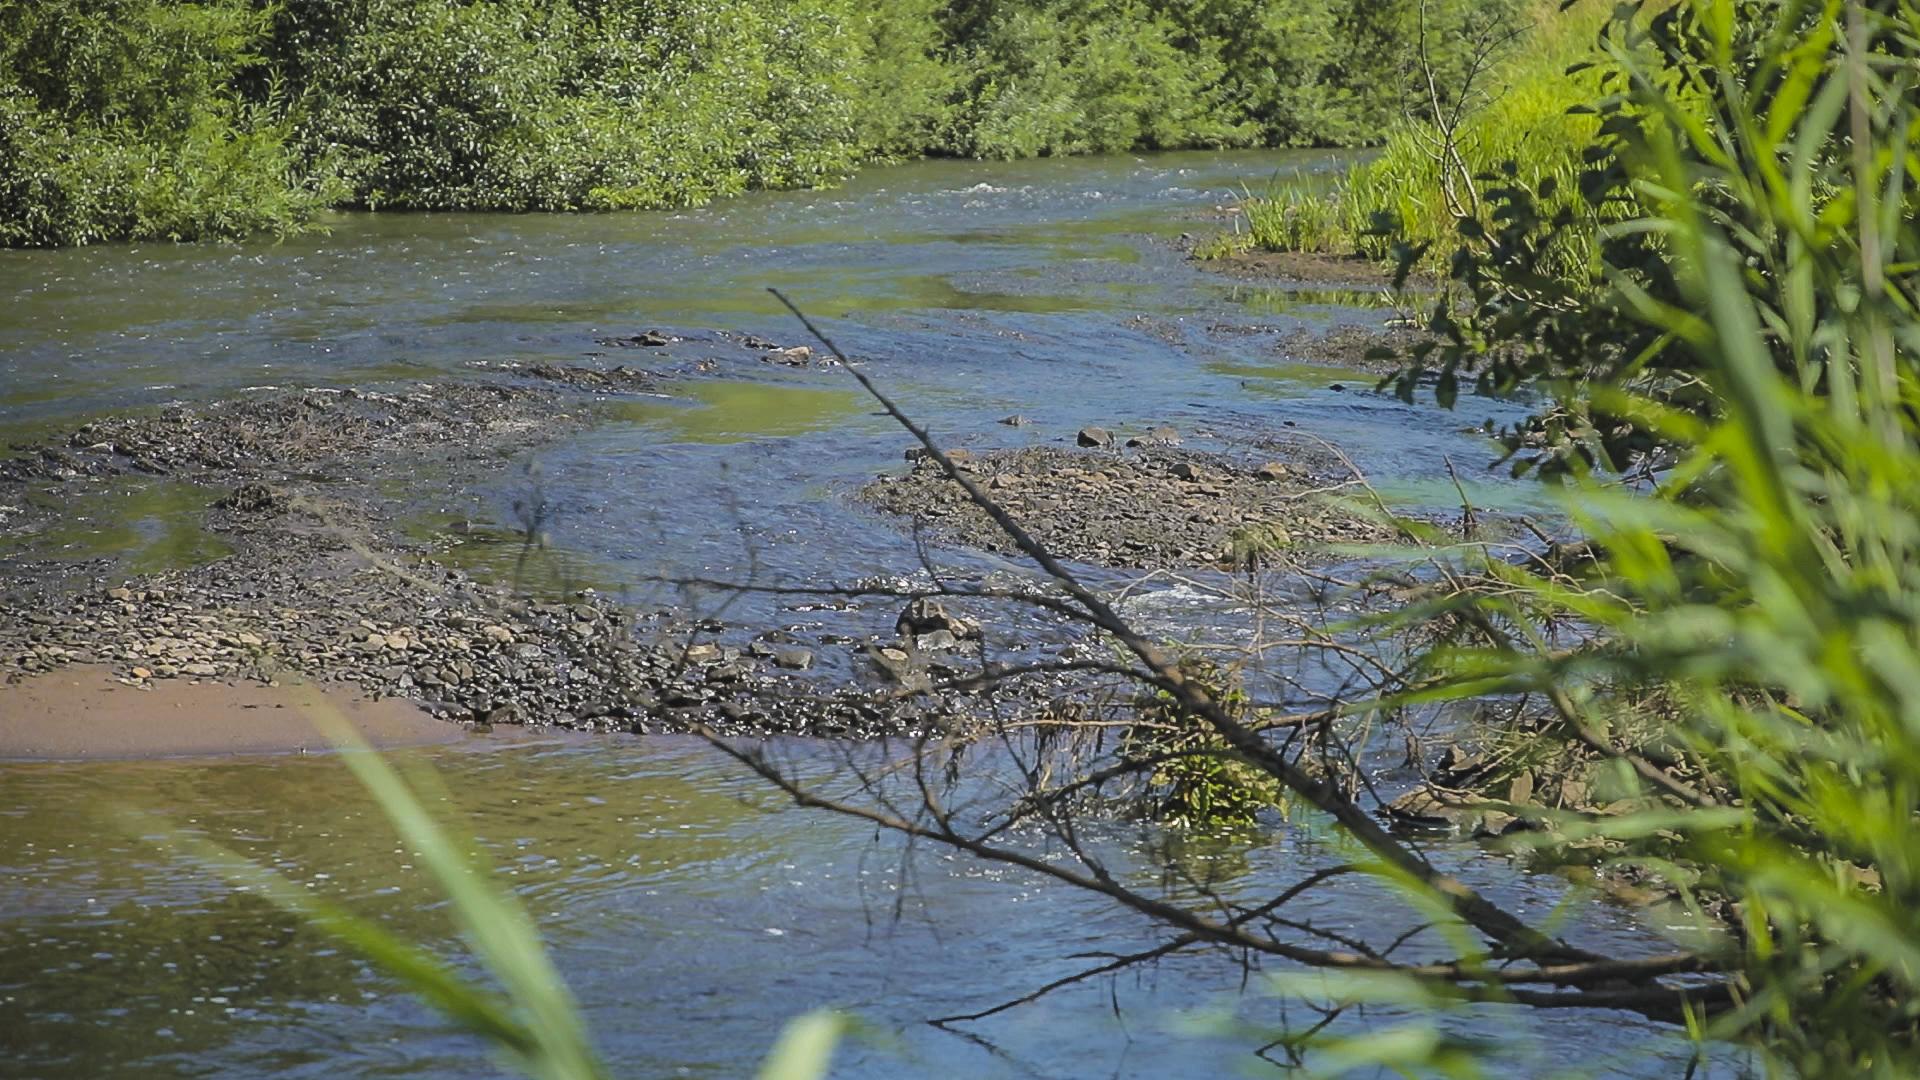 Foto: Kiesbänke in flacher Wümme als Verbesserung der Gewässerstruktur: Die Ufer sind mit dichter Vegetation bewachsen.